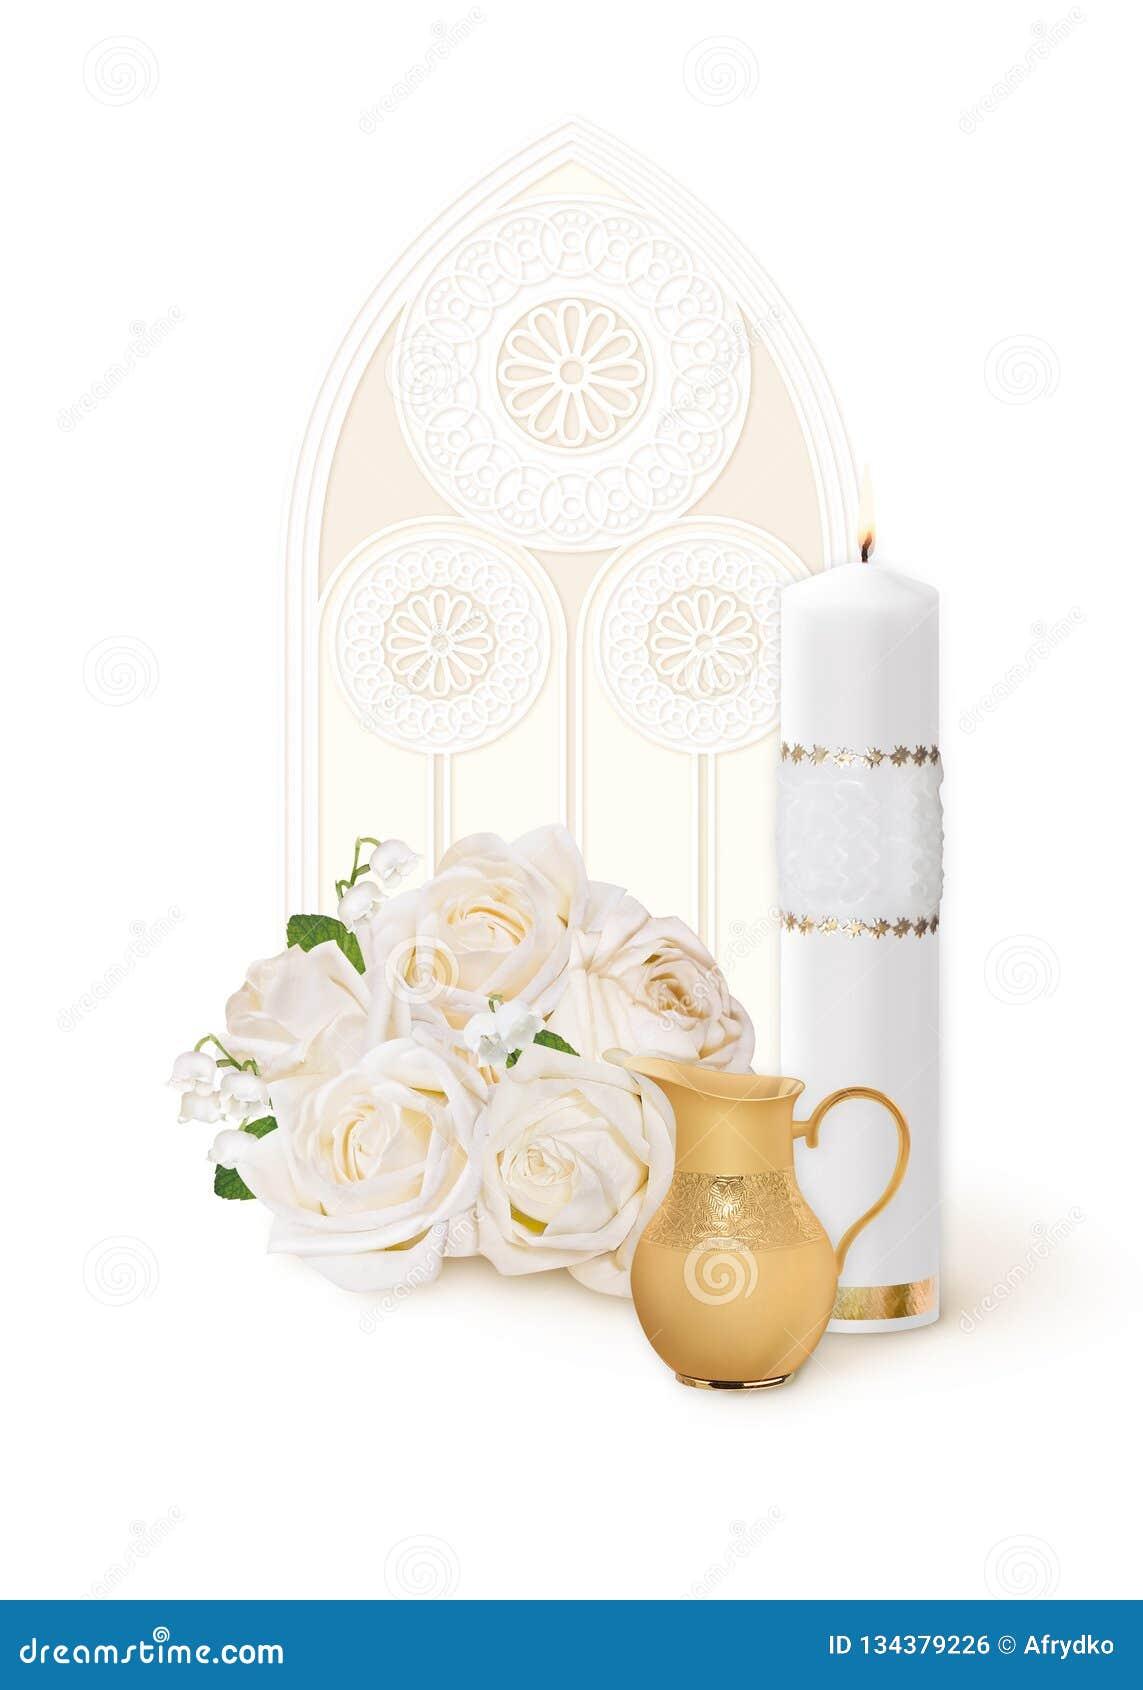 Heligt dop, kort med en vit stearinljus, blommor och en tillbringare på bakgrunden av ett fönster med en målat glass